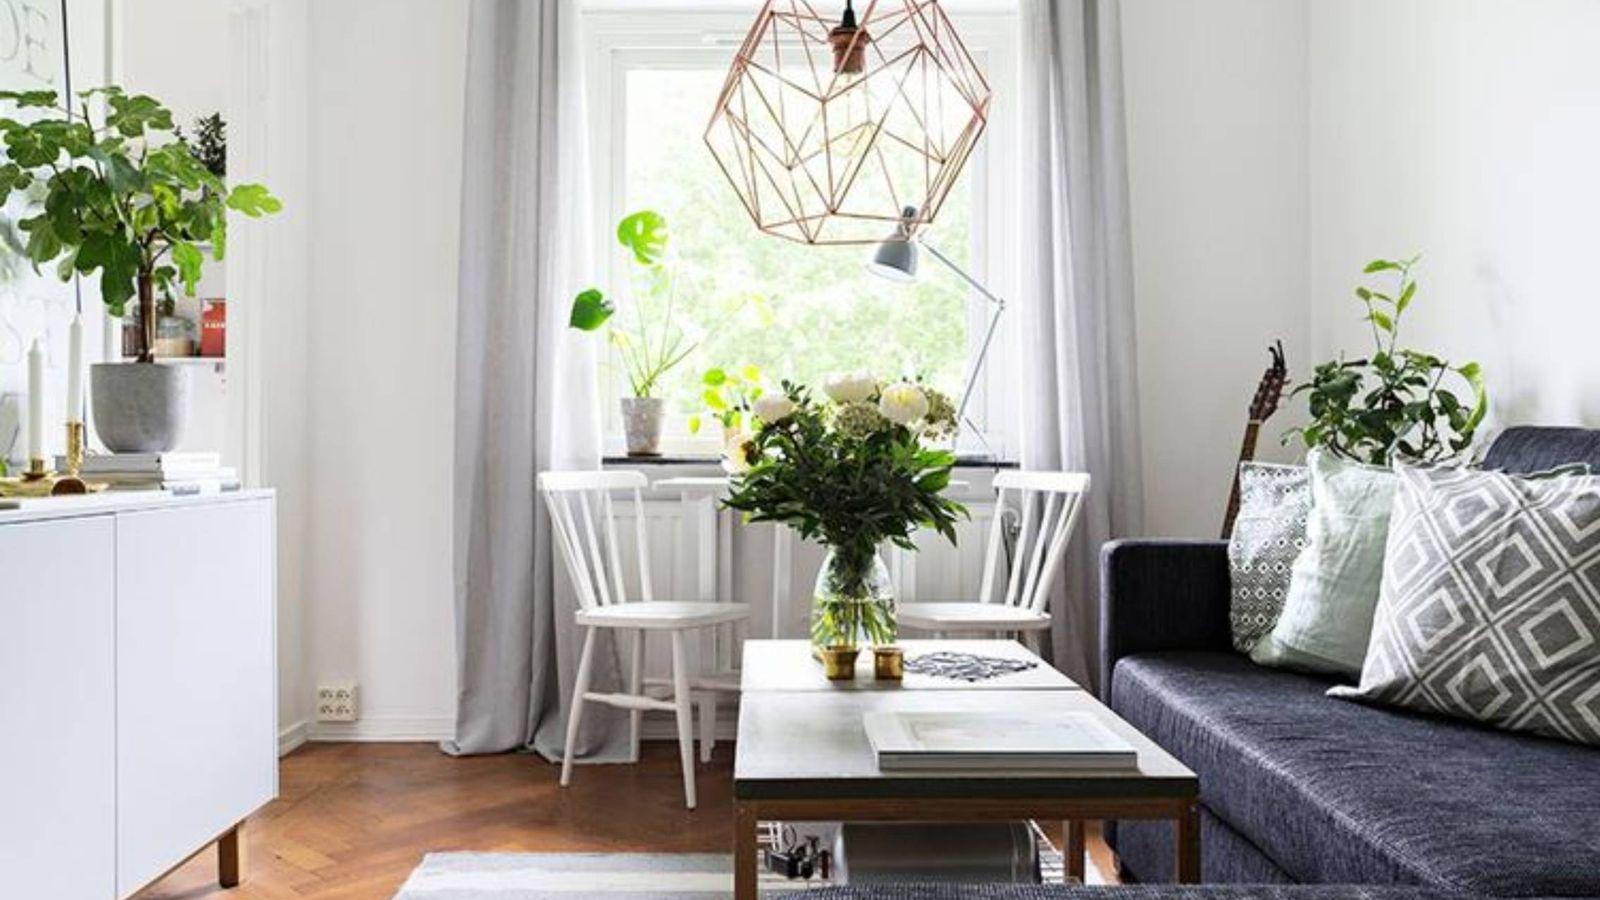 Foto: Descubre las propuestas y productos perfectos para tu vivienda. (Cortesía)